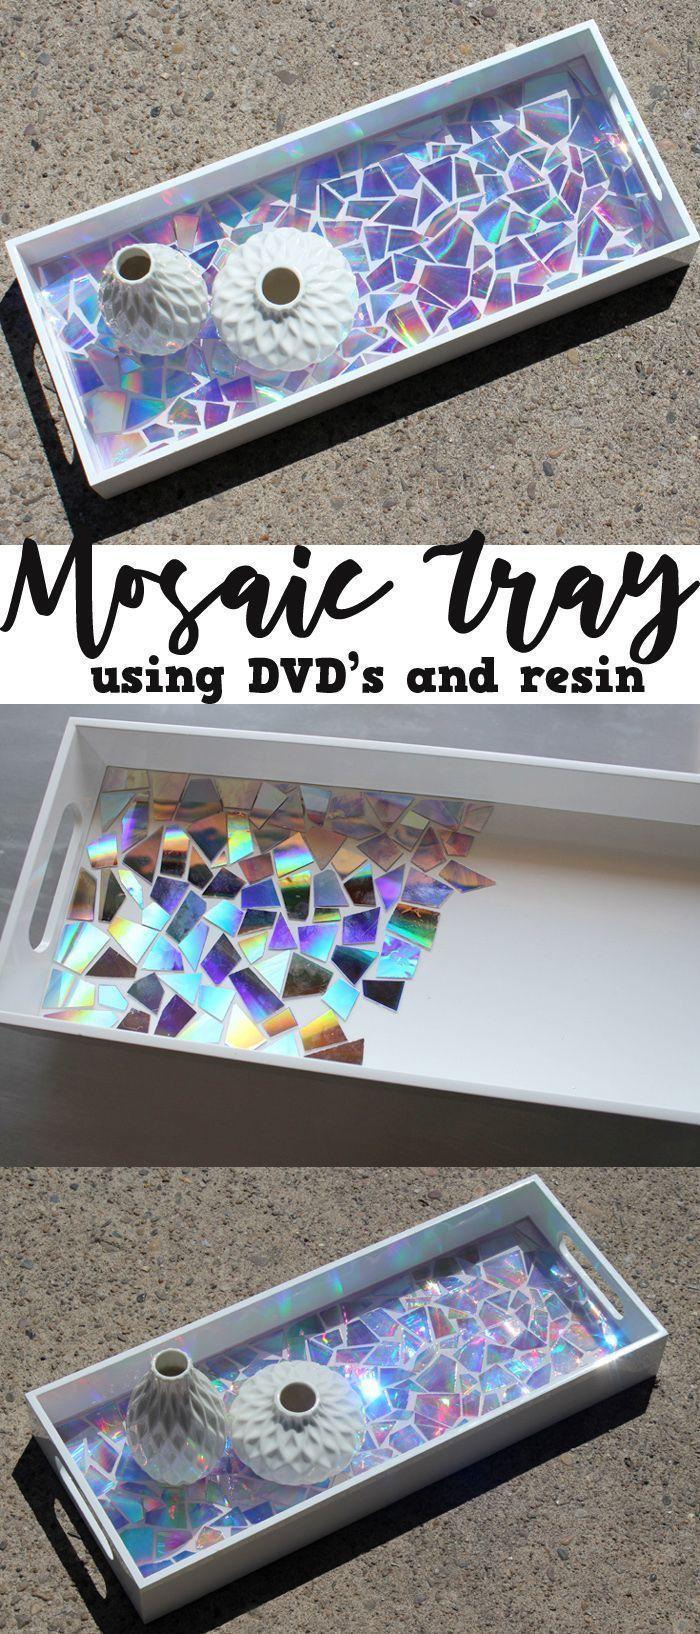 Dieses DVD-Mosaik-Hochglanz-Tablett gibt eine Auss…